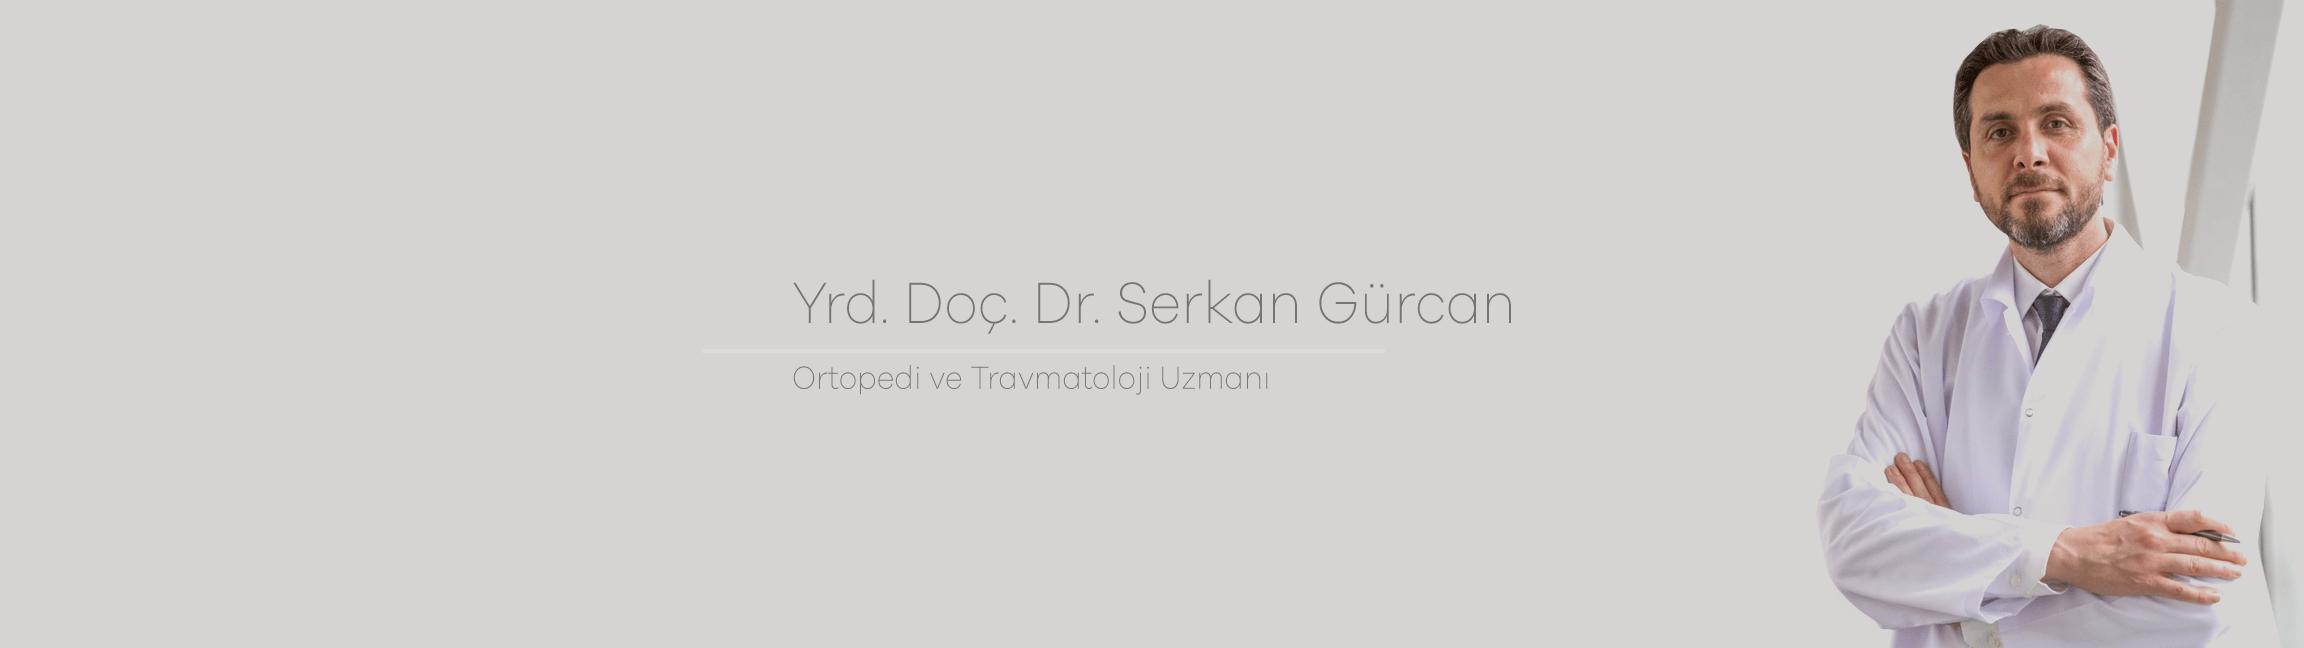 Op. Dr. Serkan Gürcan Galeri Foto